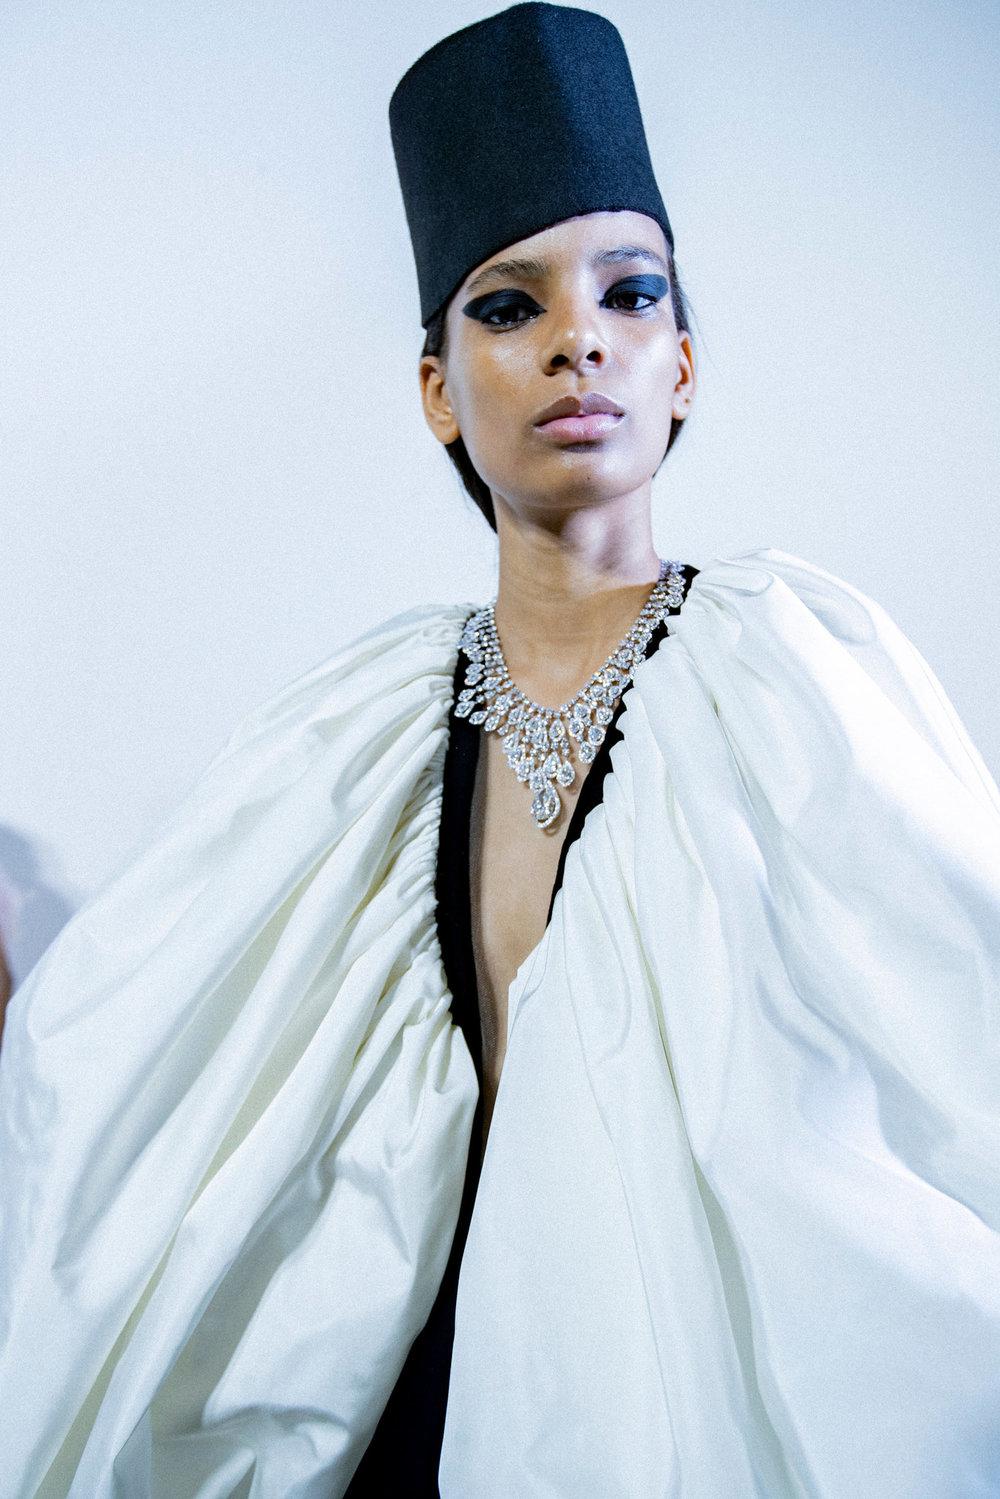 Couture-slide-7AFI-superJumbo[1].jpg